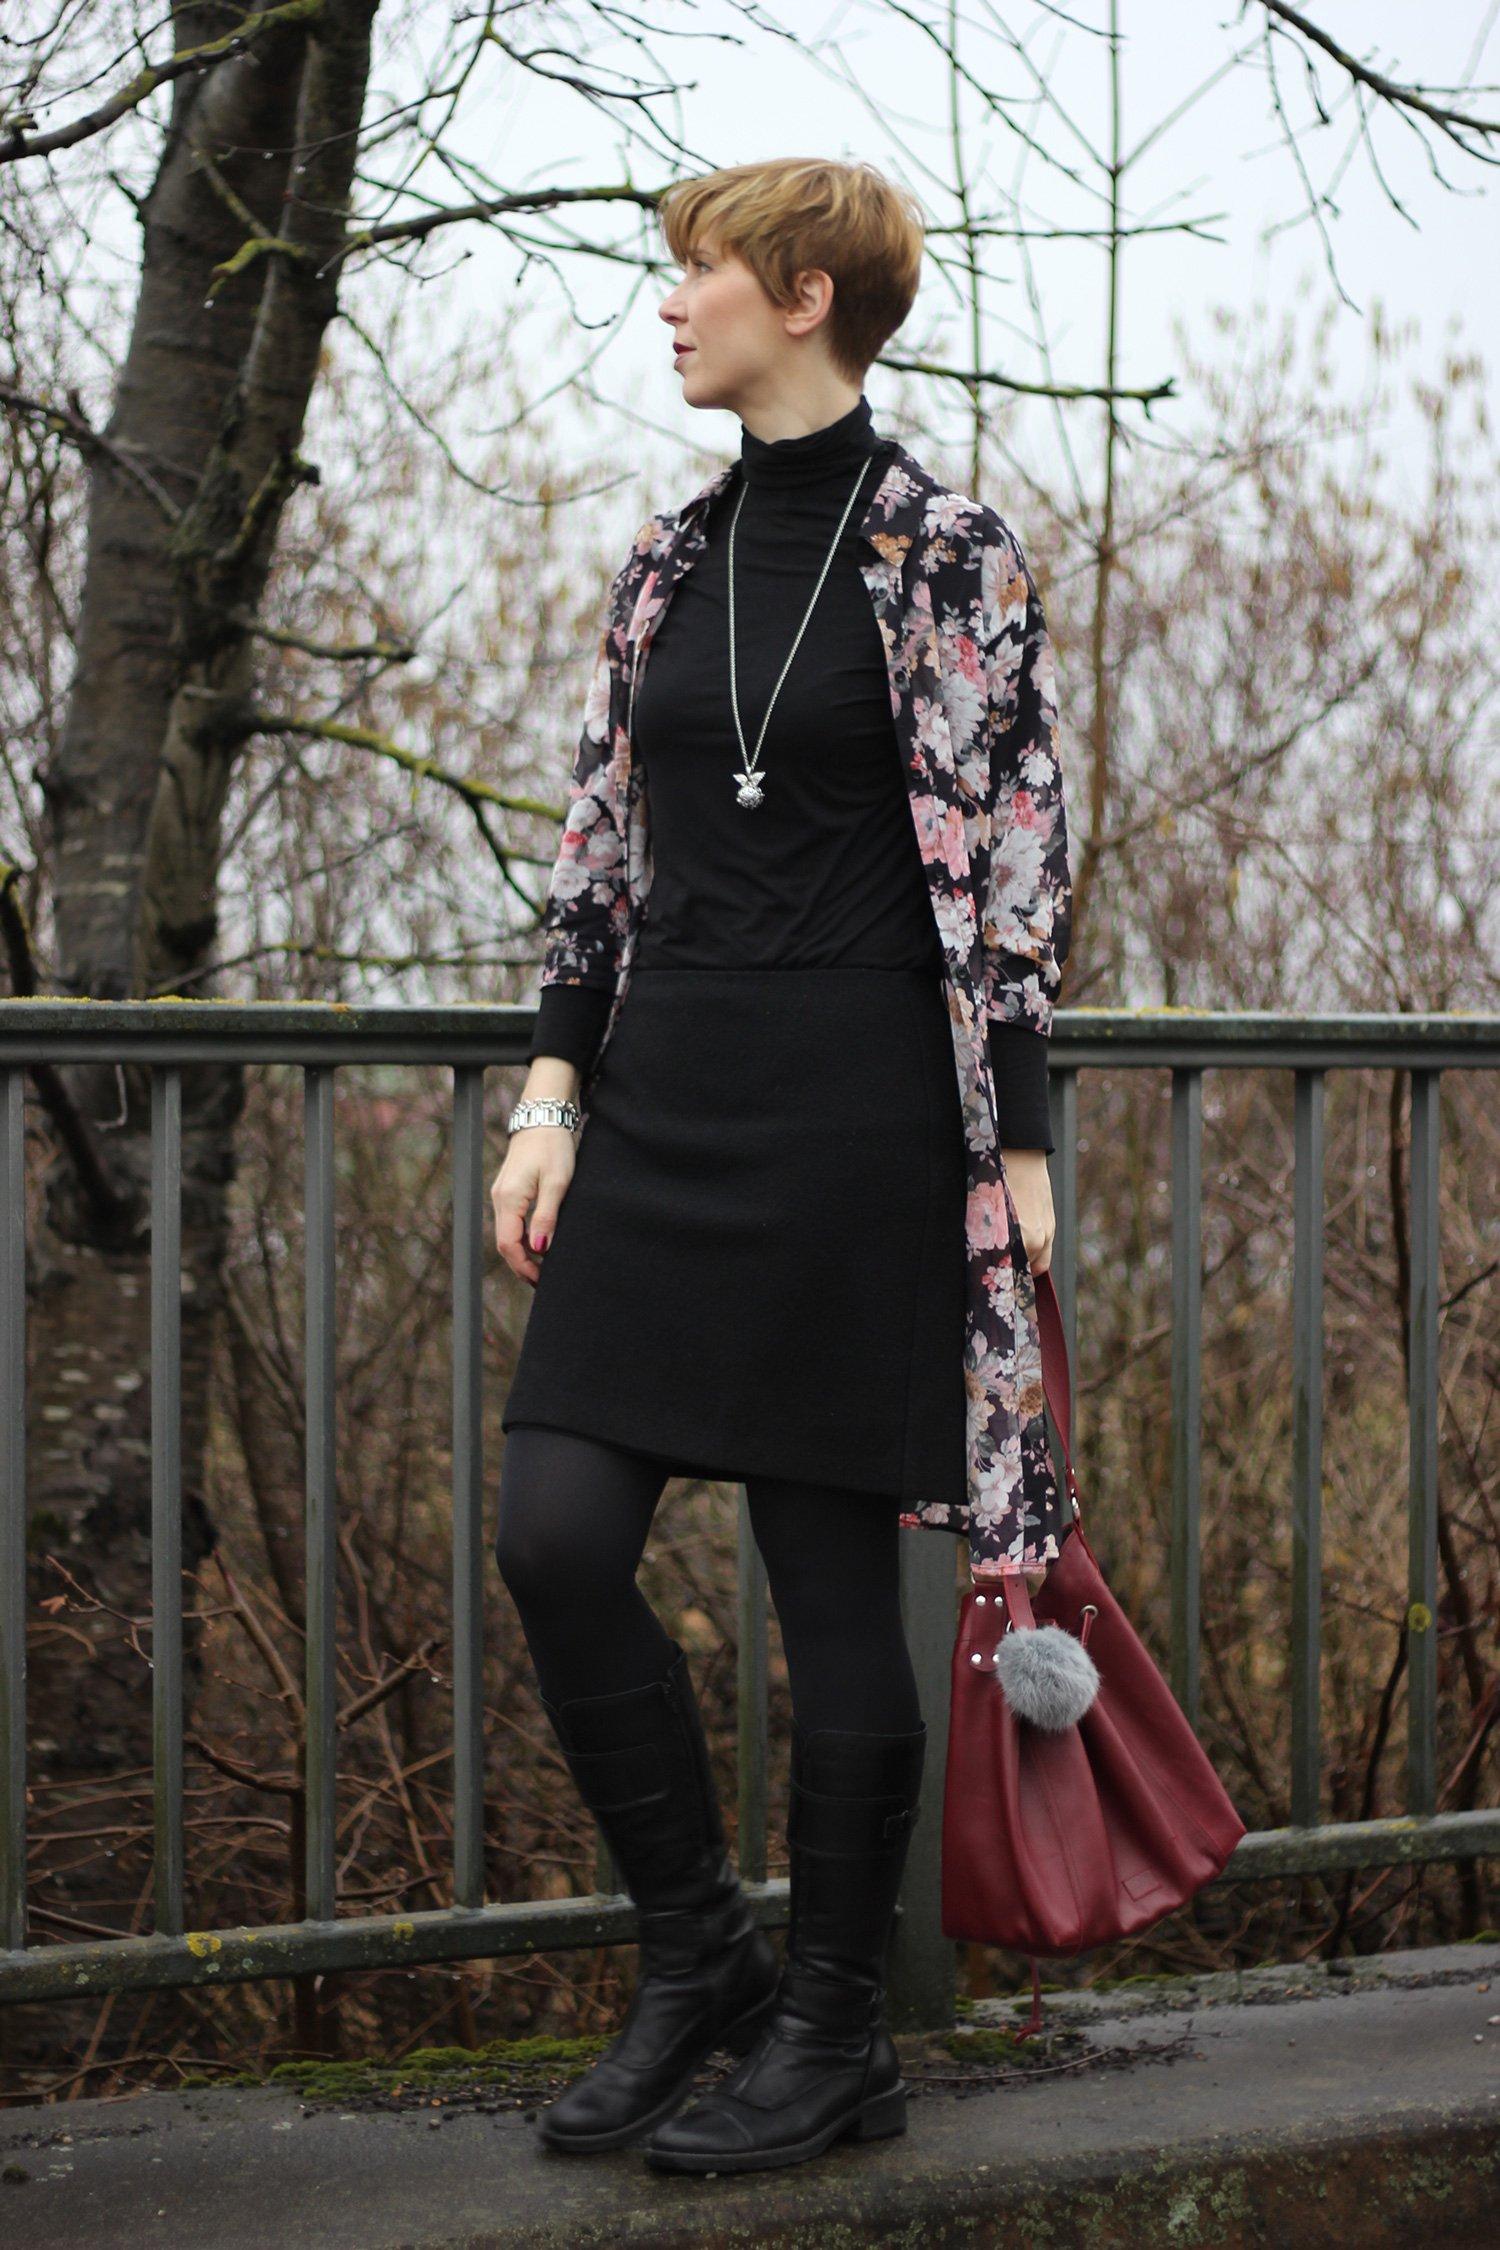 Conny ganz in Schwarz mit Longbluse im Blumenprint - Wollrock und Rolli